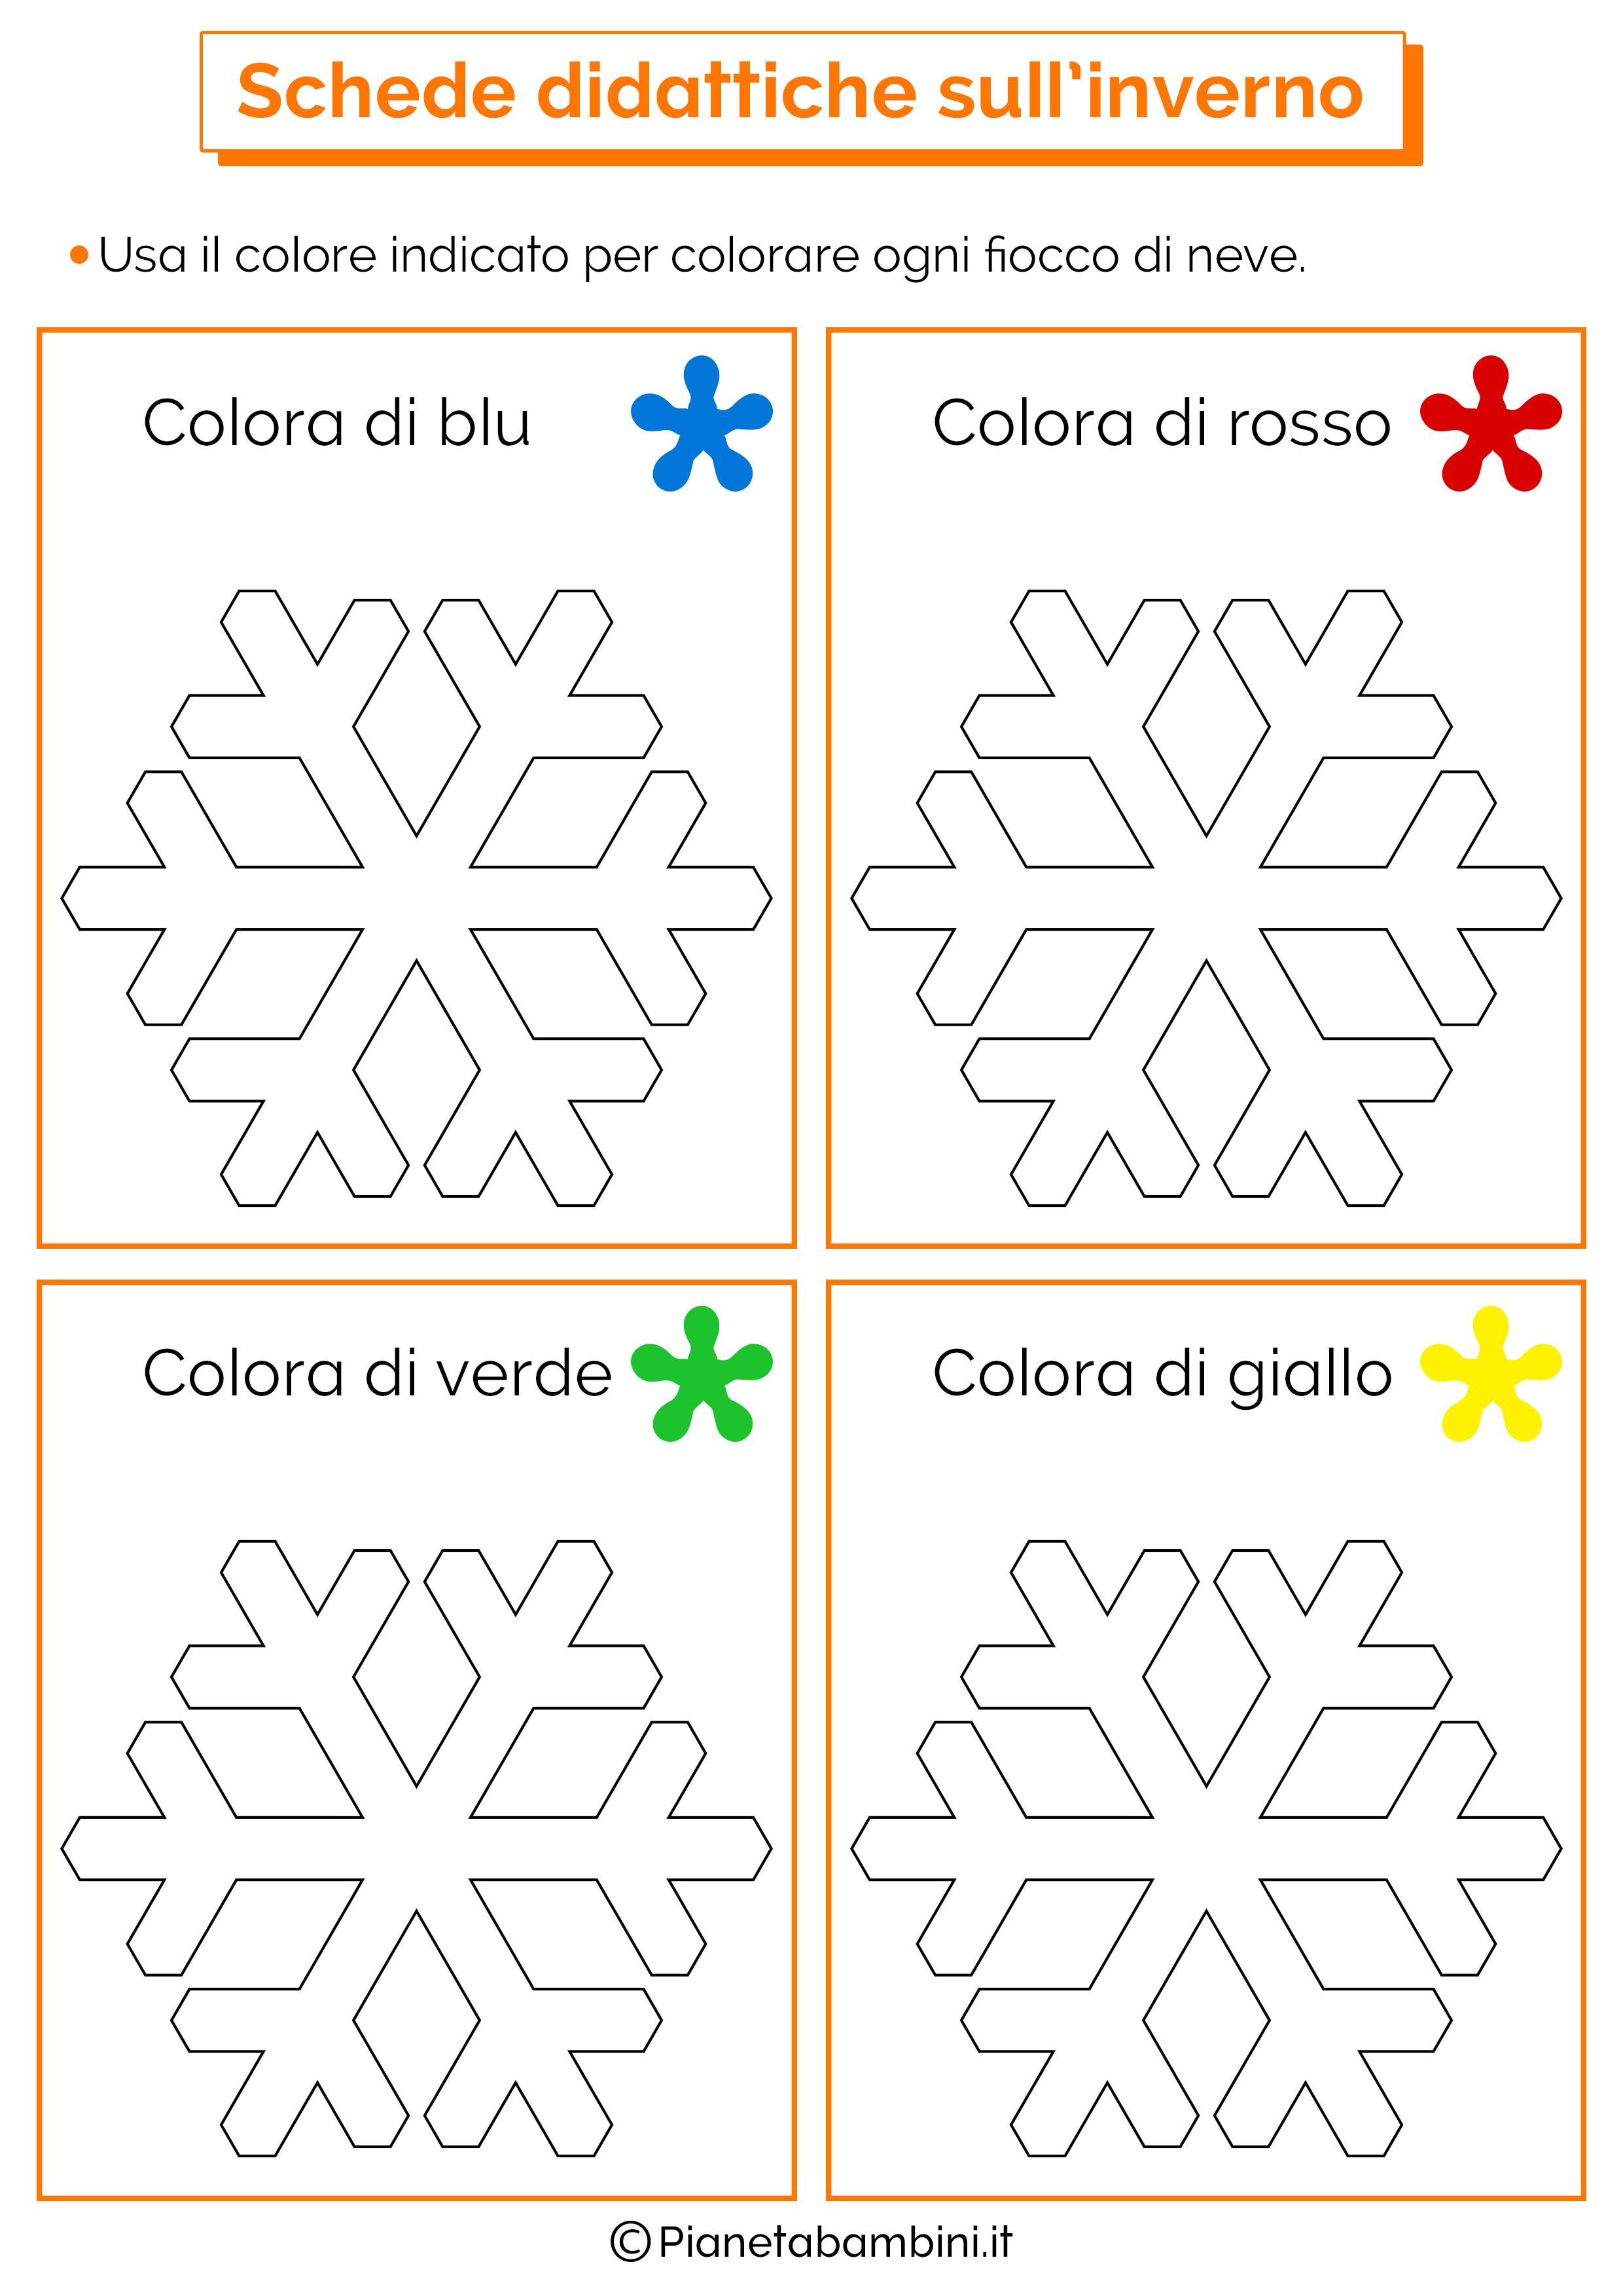 Eccezionale Schede Didattiche sull'Inverno per la Scuola dell'Infanzia  GS64